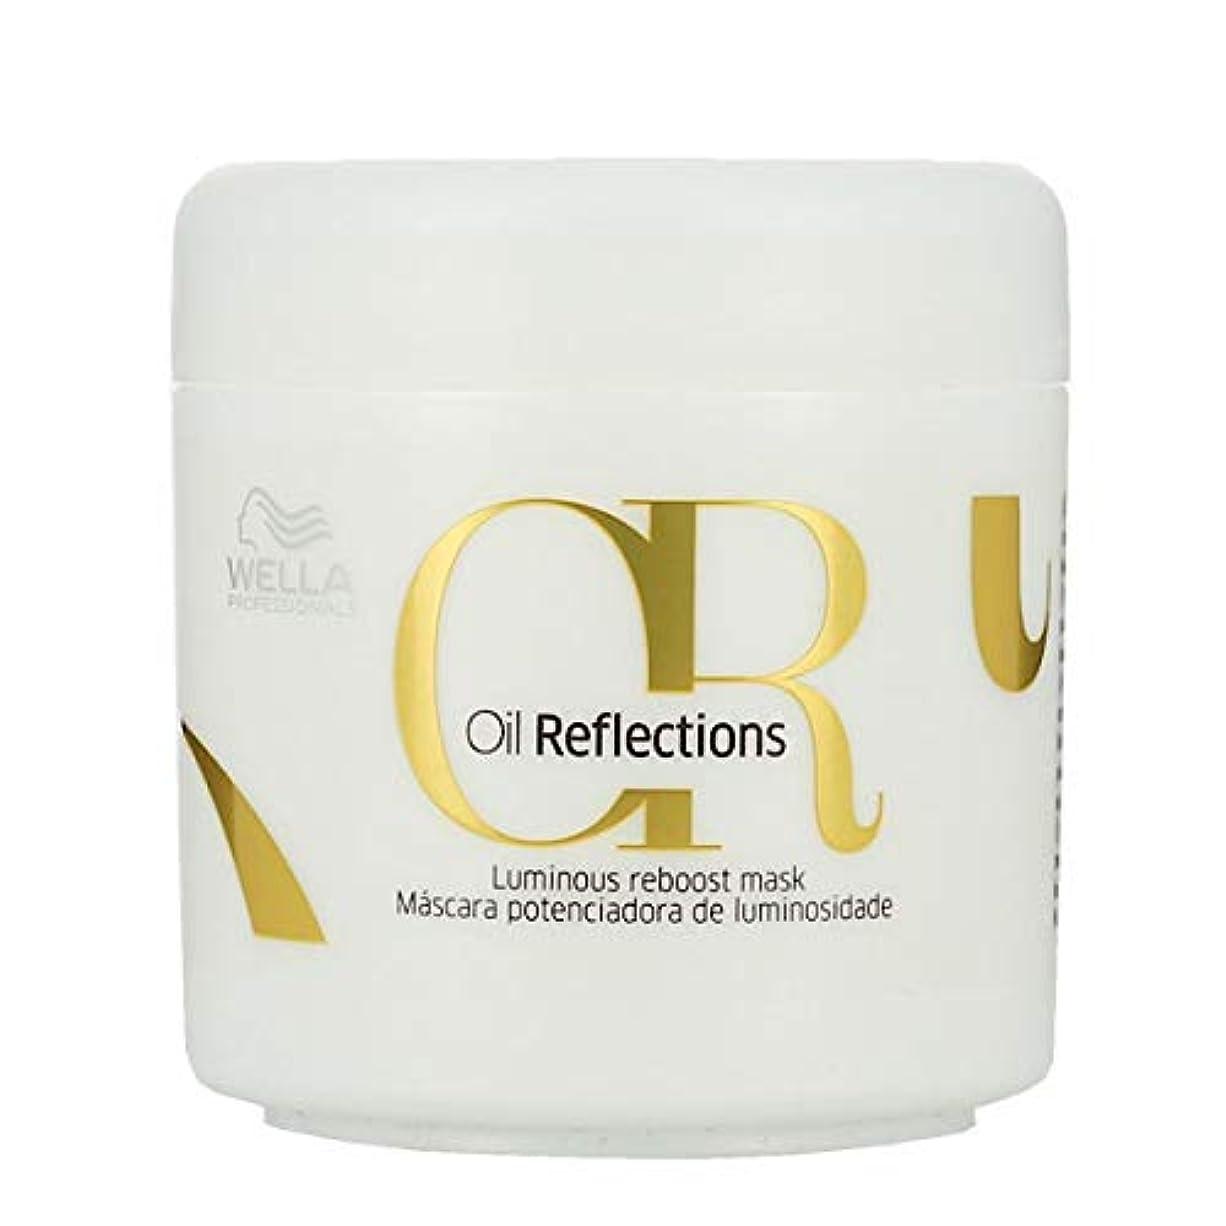 オフ逃れる所有権Wella Professionals Oil Reflections Luminous Reboost Mask ウエラ オイルリフレクション マスク 150 ml [並行輸入品]